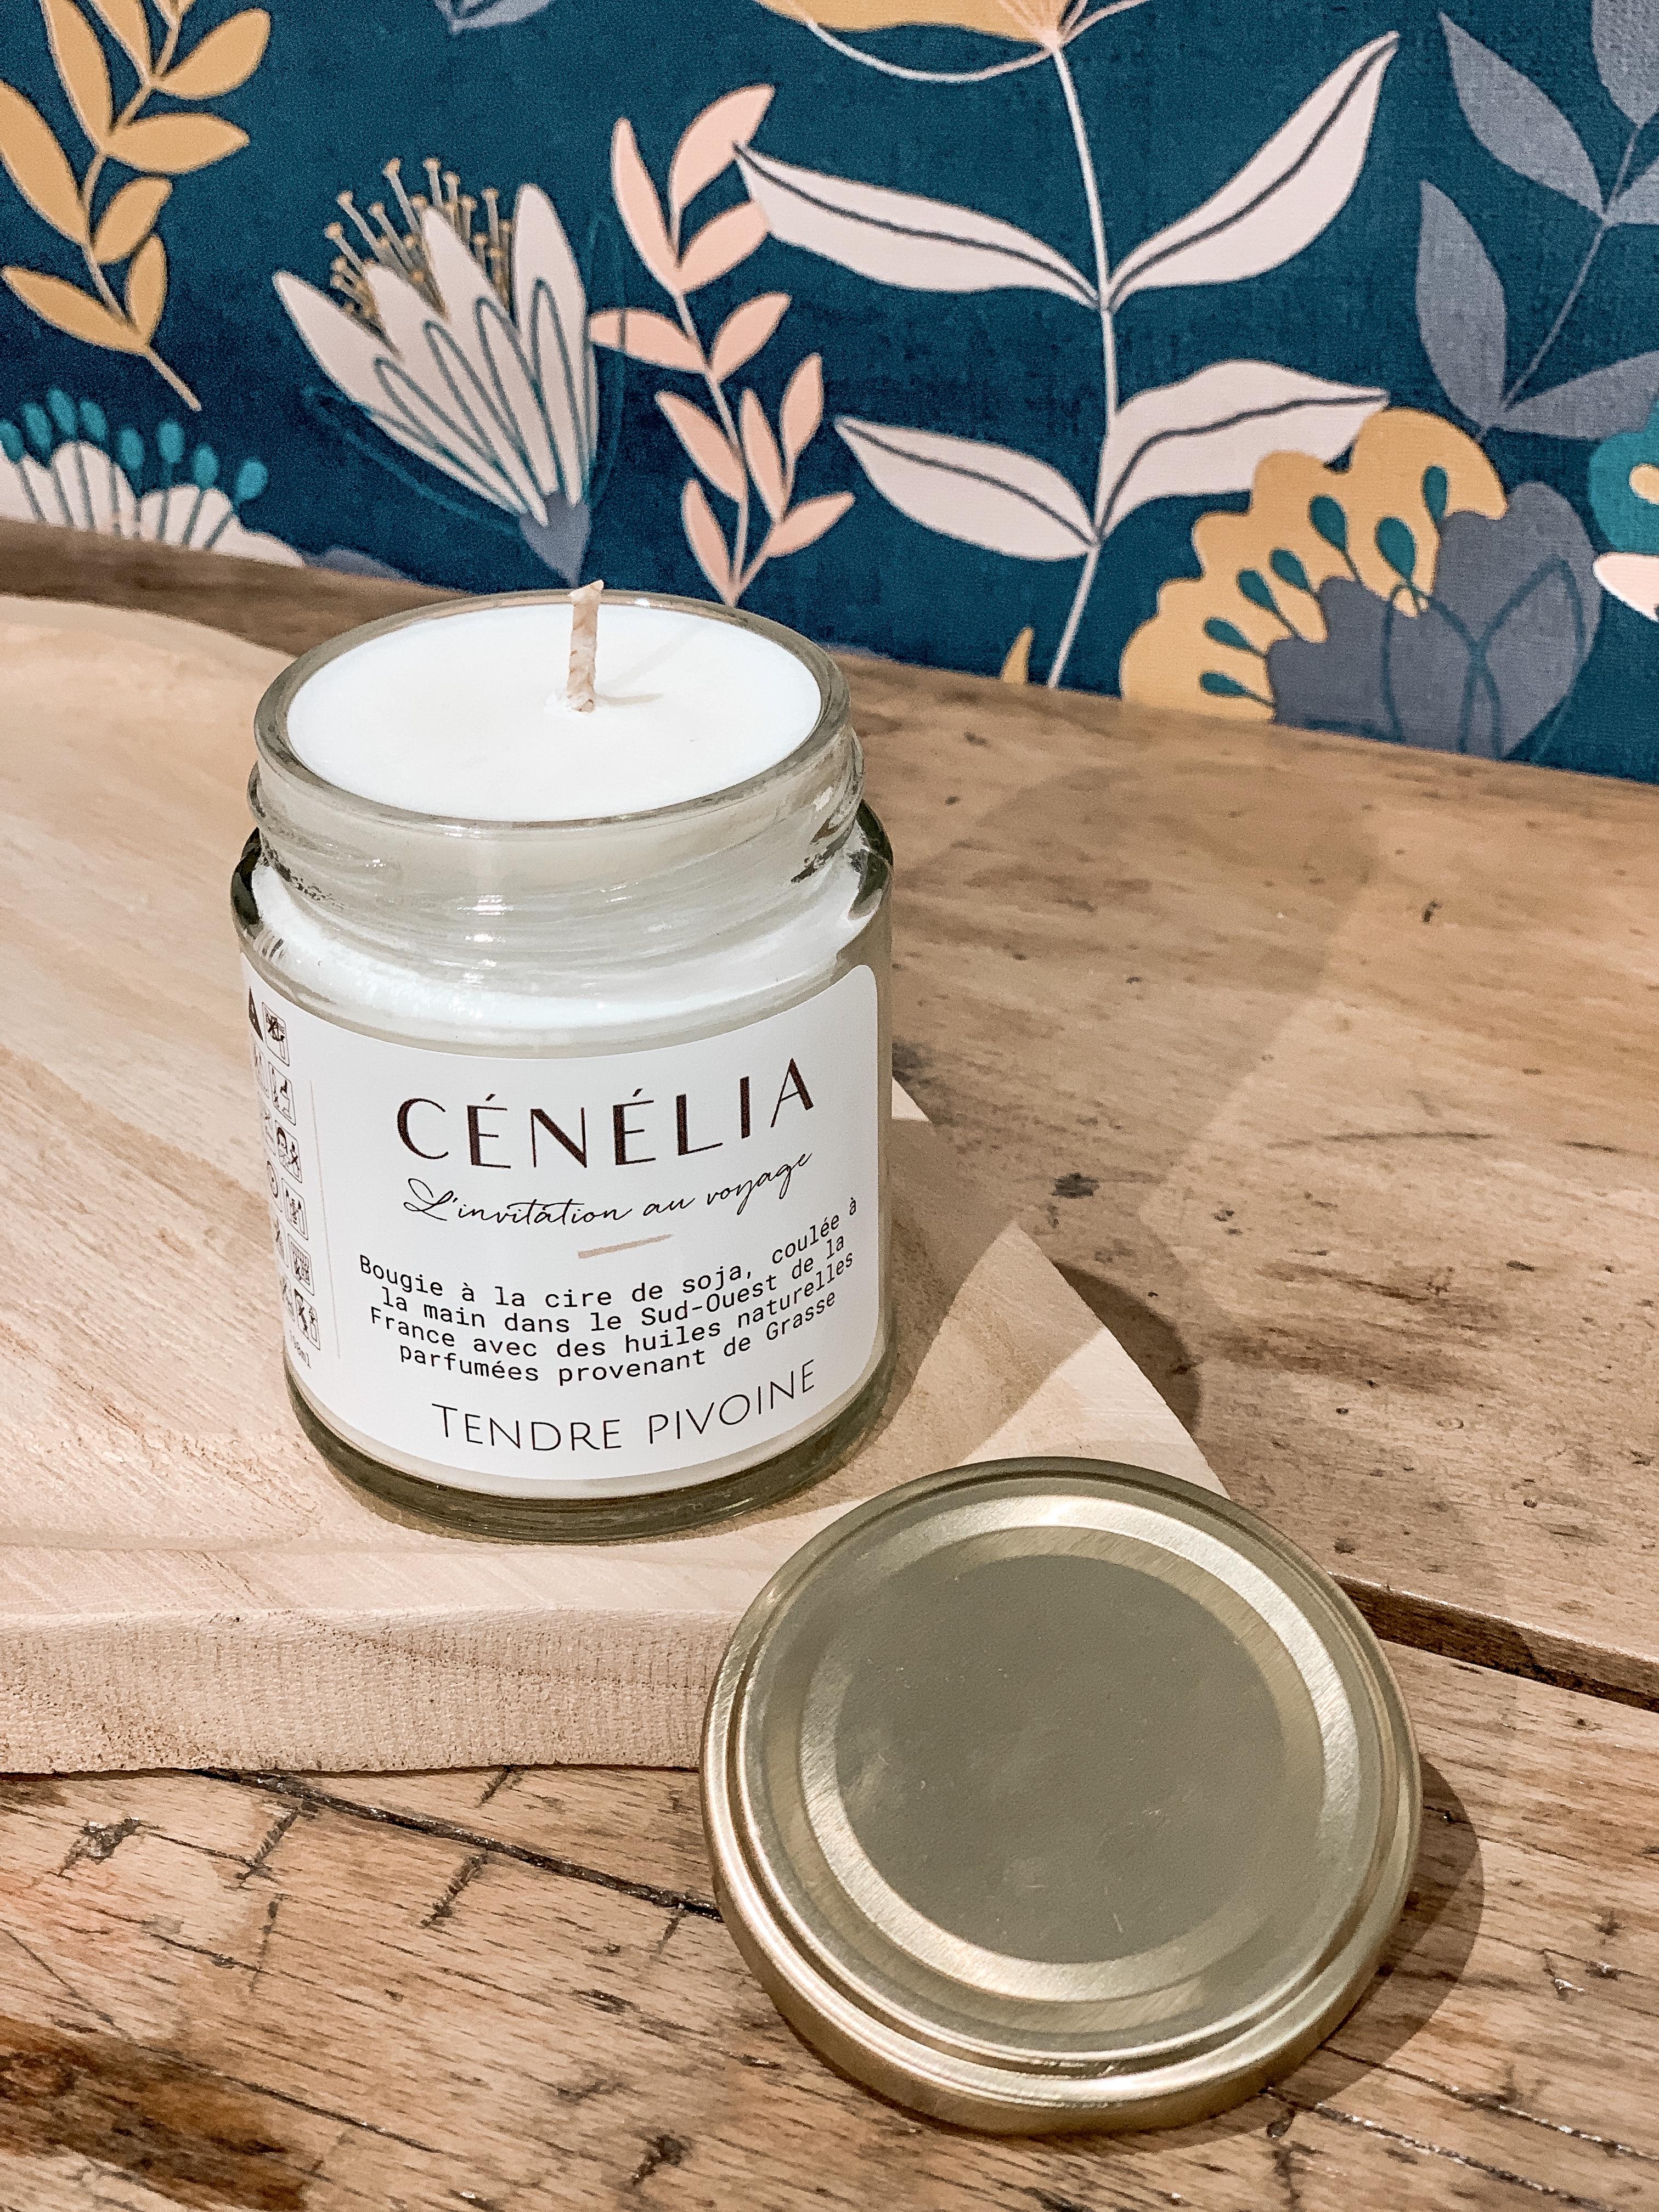 Bougie parfumée naturelle Cénélia - Bougie Tendre Pivoine